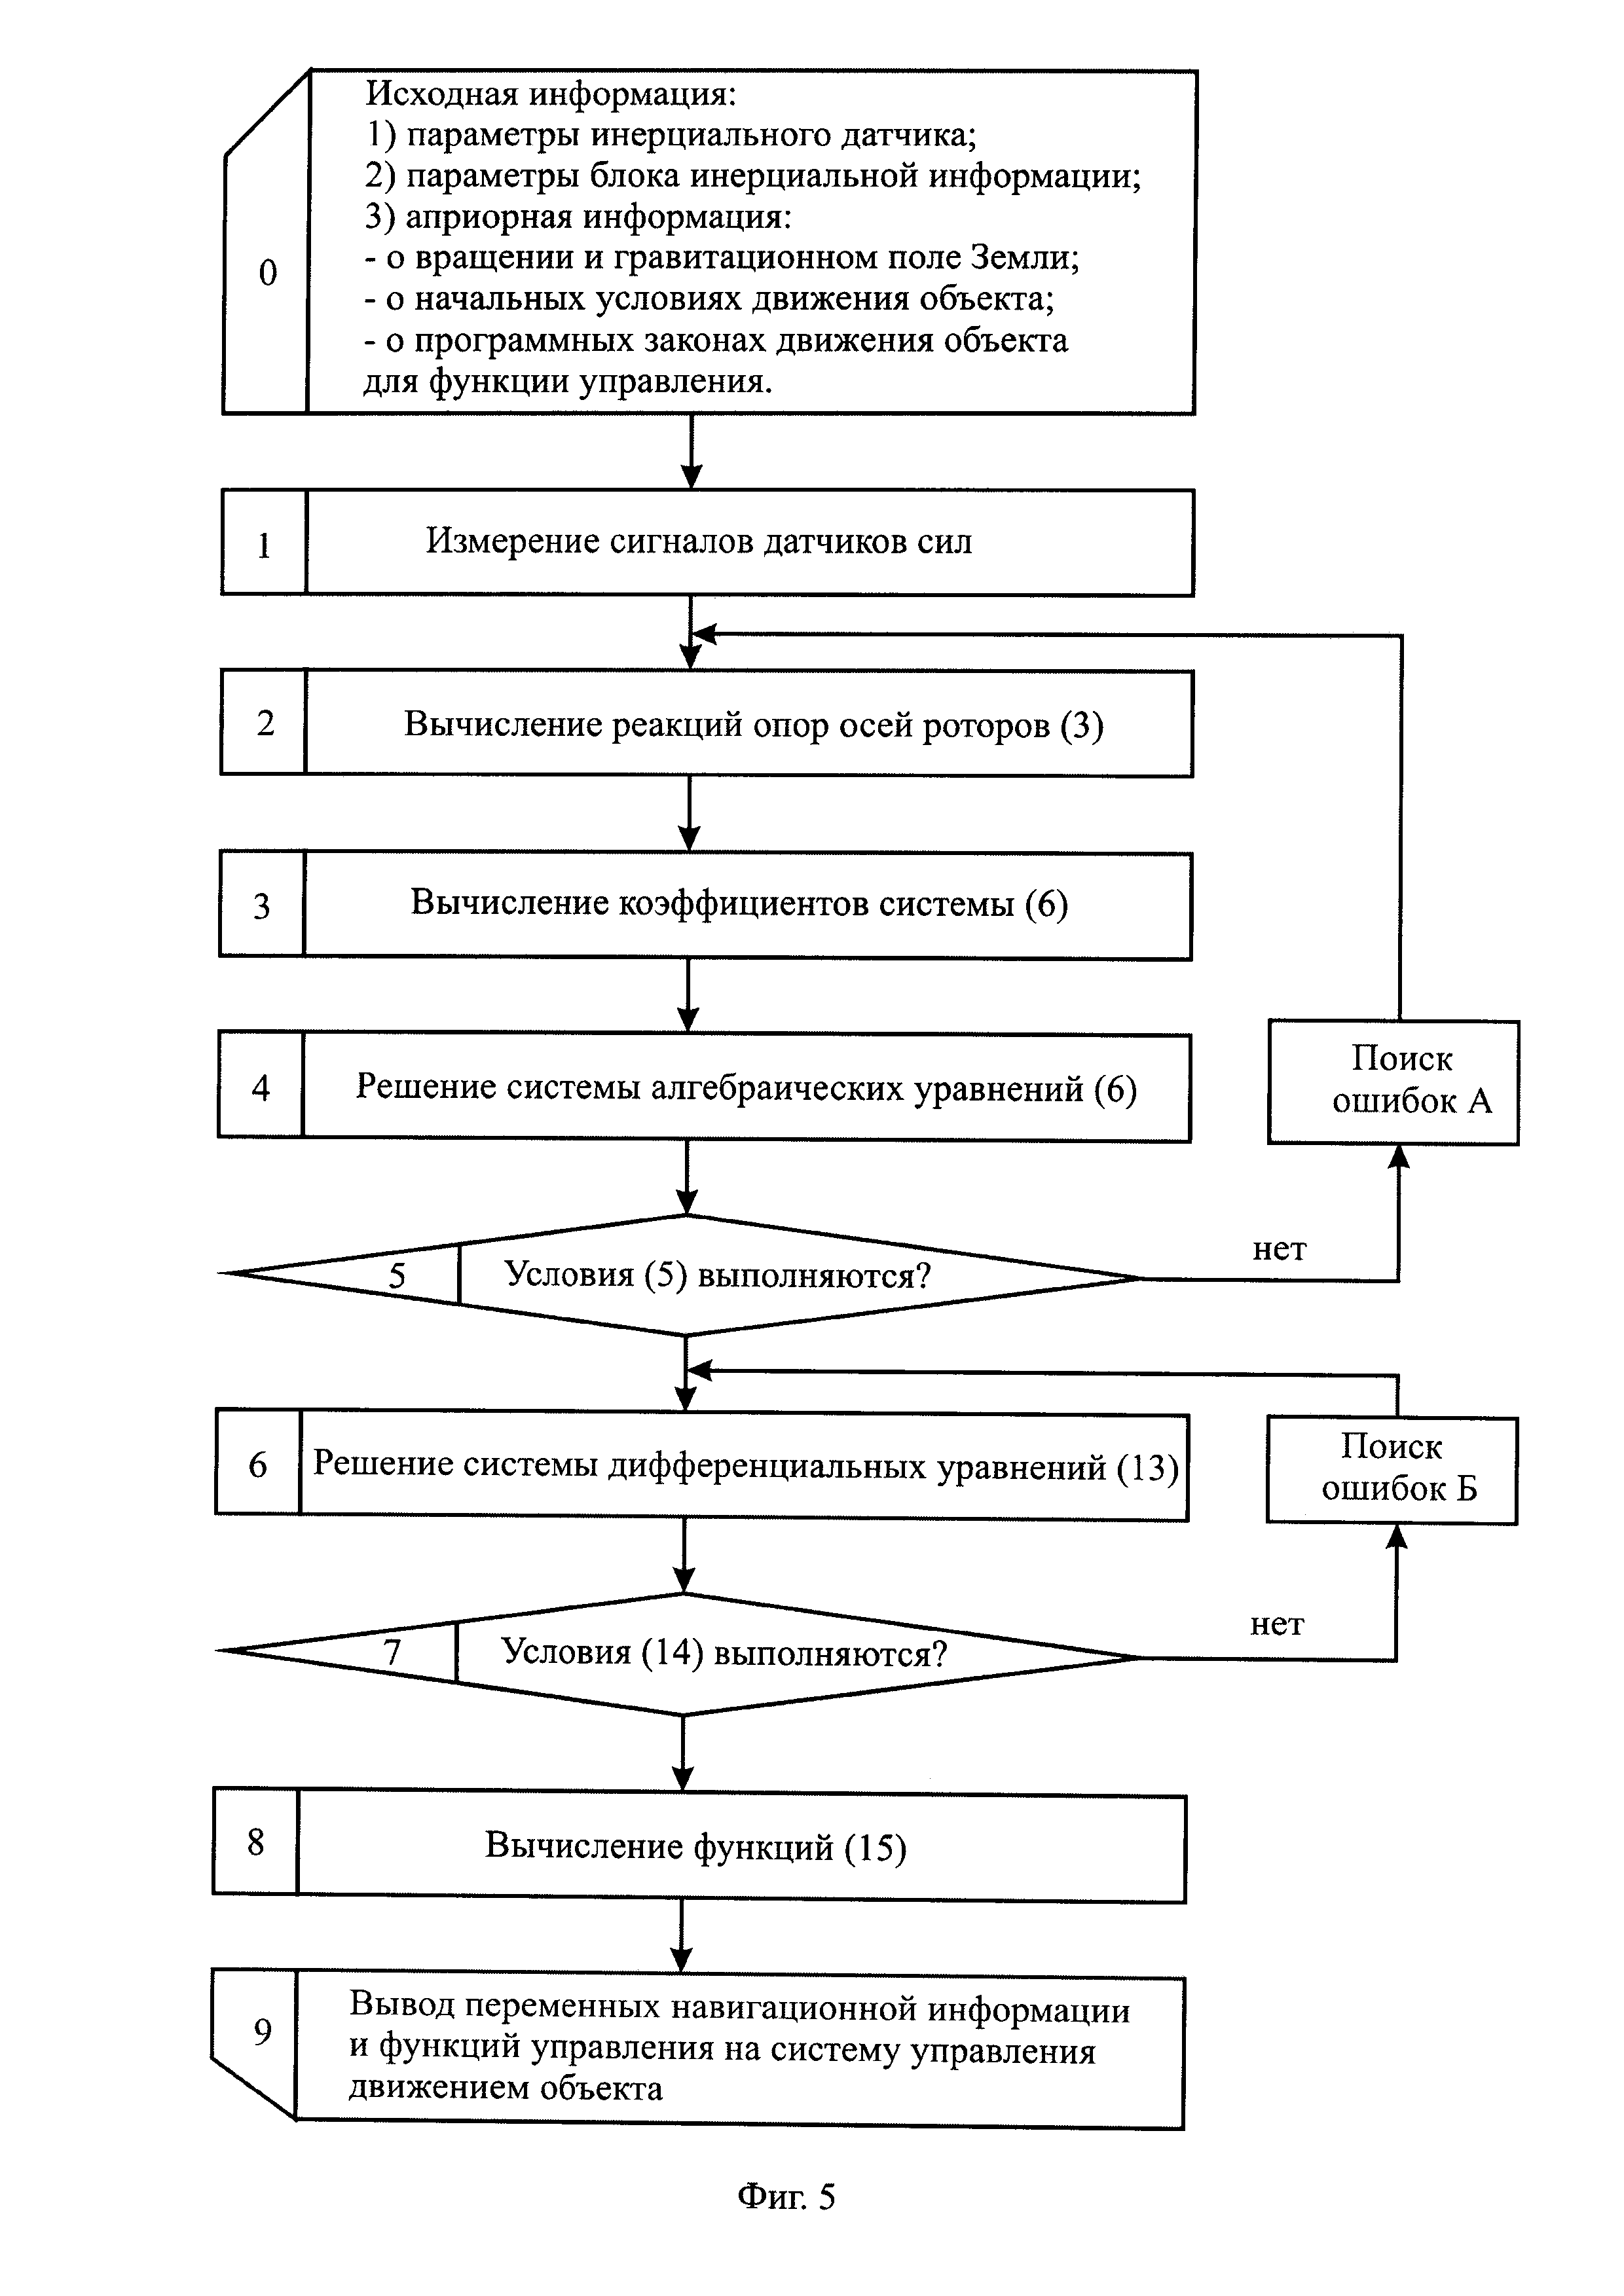 Бесплатформенная инерциальная навигационная система подвижного объекта